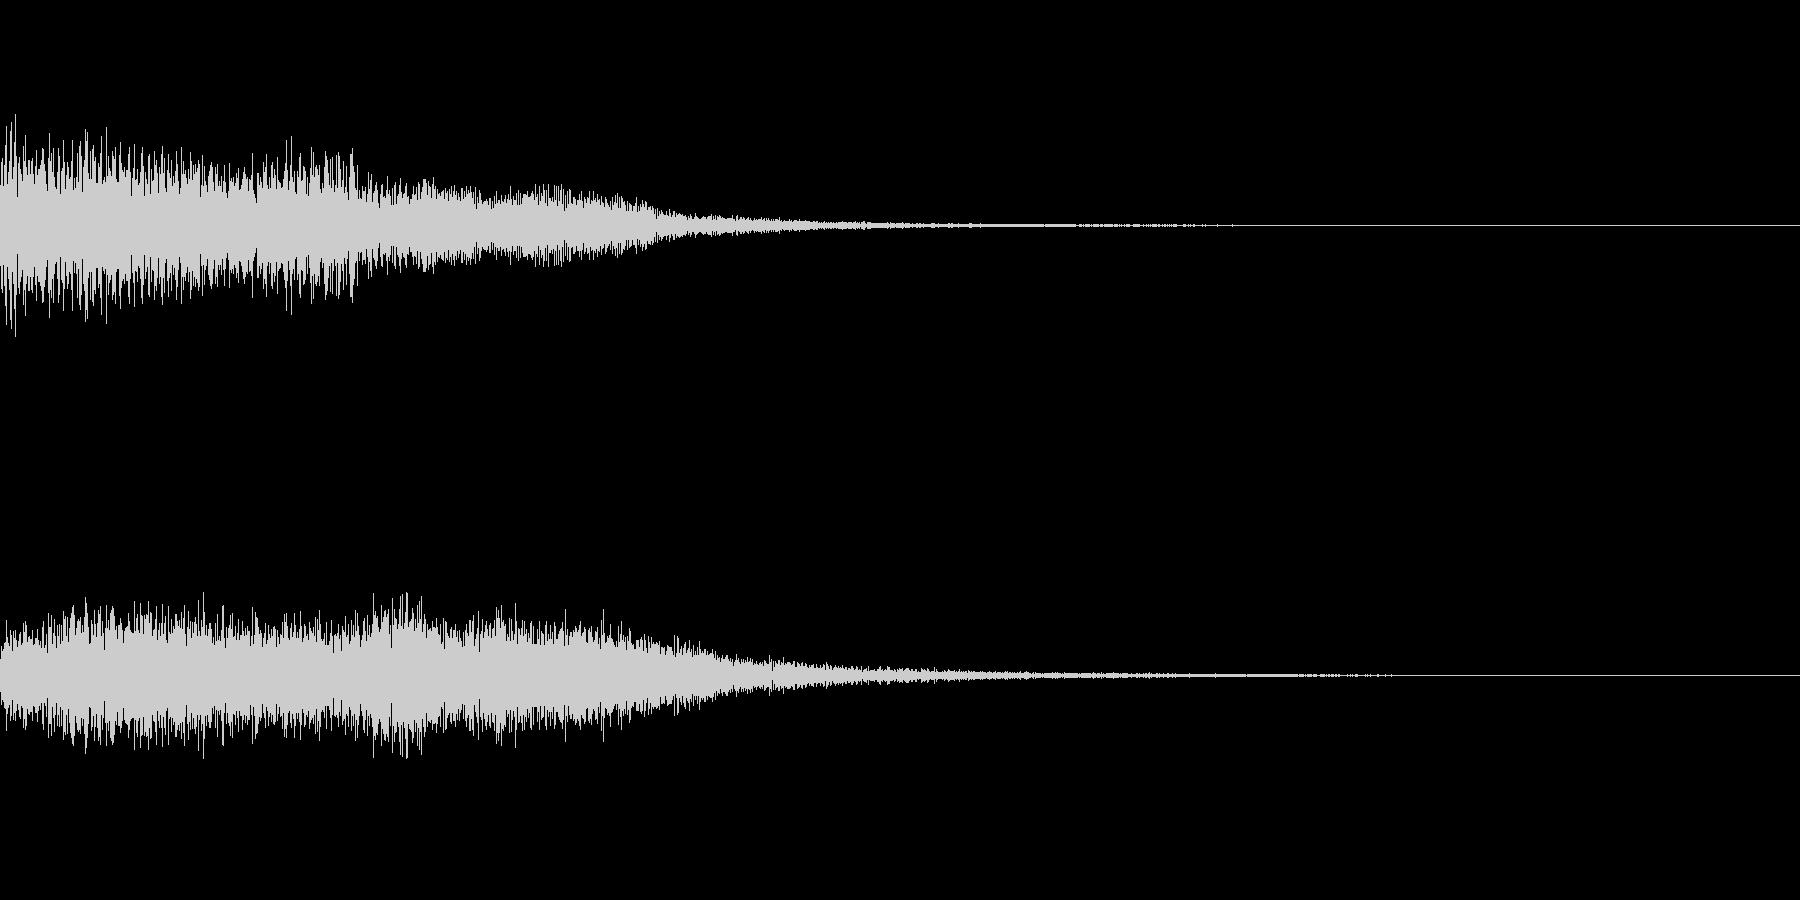 キュオーン~ロボットの初動操作音・低音~の未再生の波形